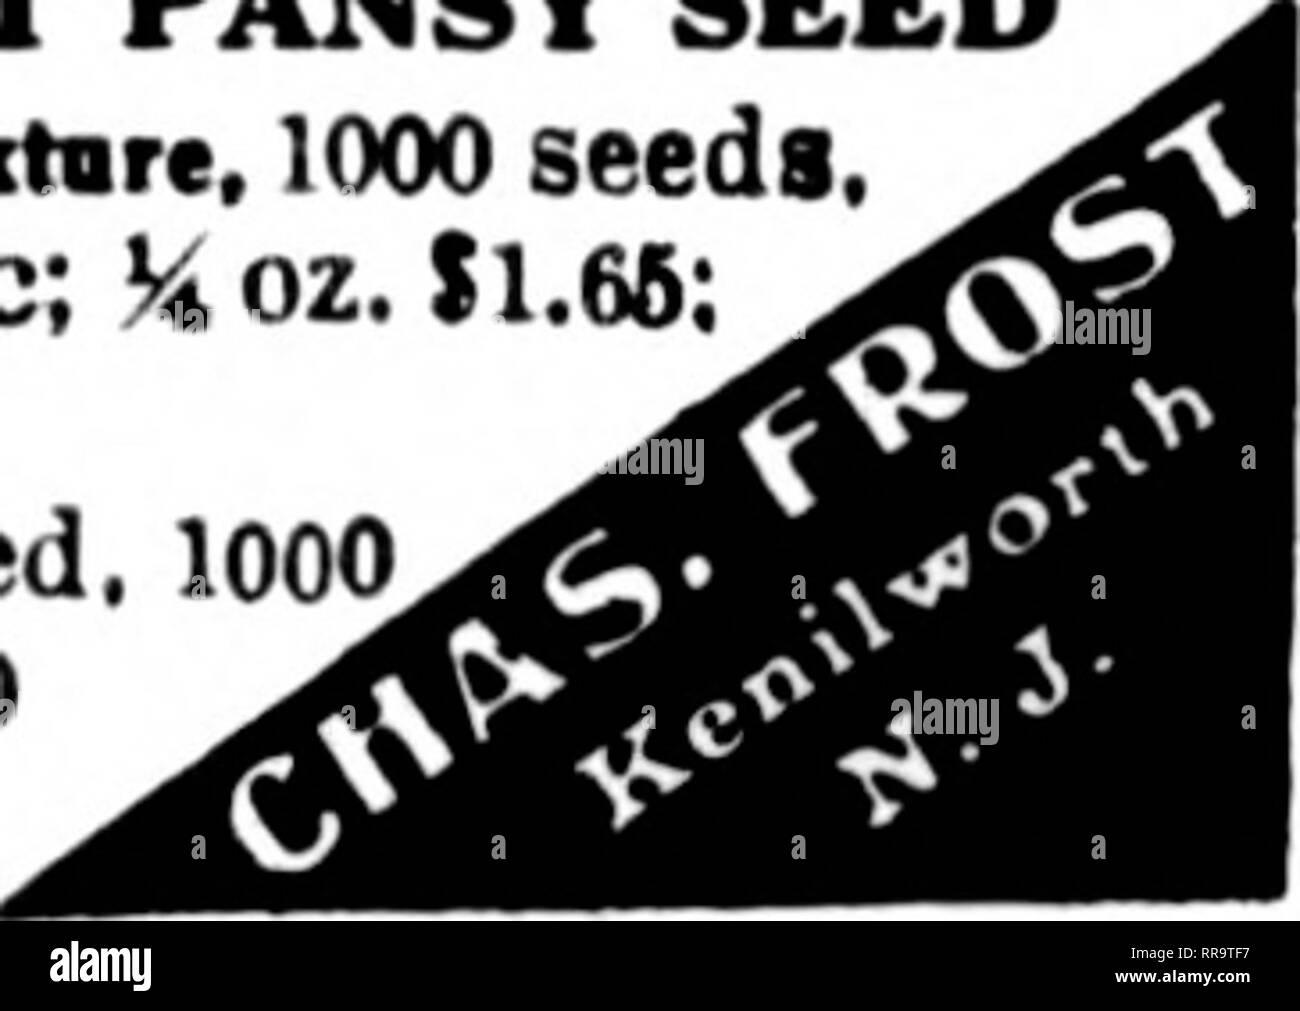 Snapdragon Giant Scarlet     500 Seeds